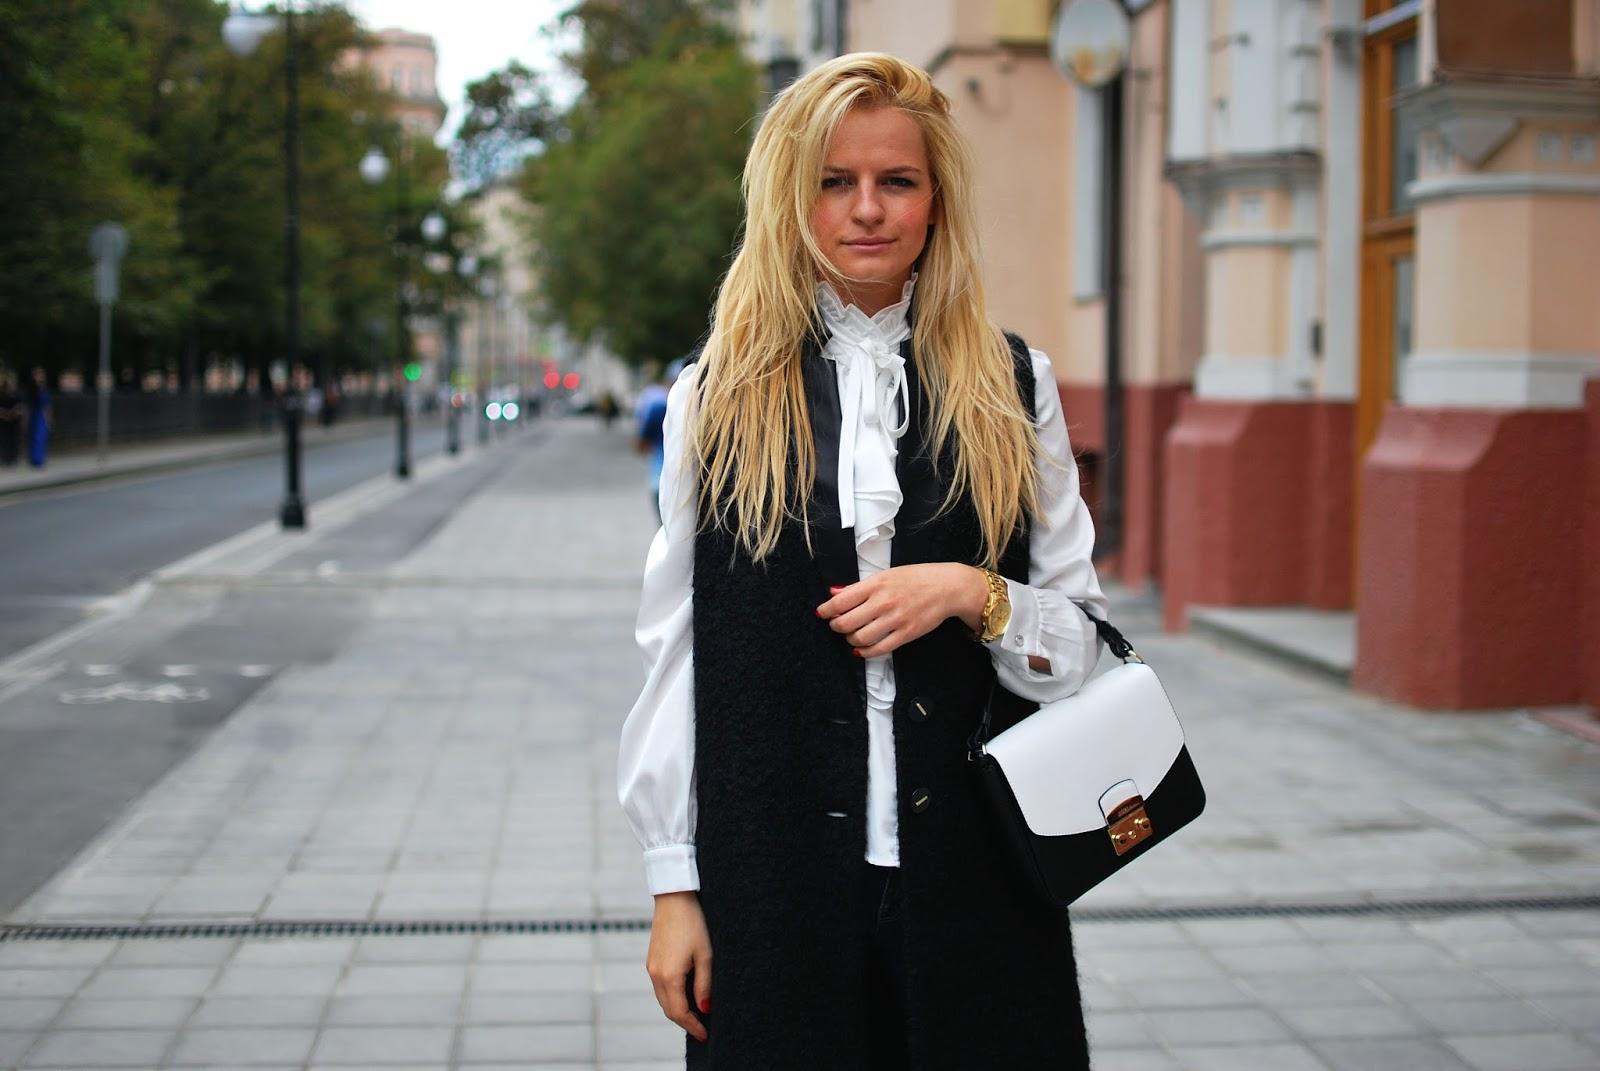 модные фото 2015, уличная мода, уличная мода осень, московская мода, девушки в стиле